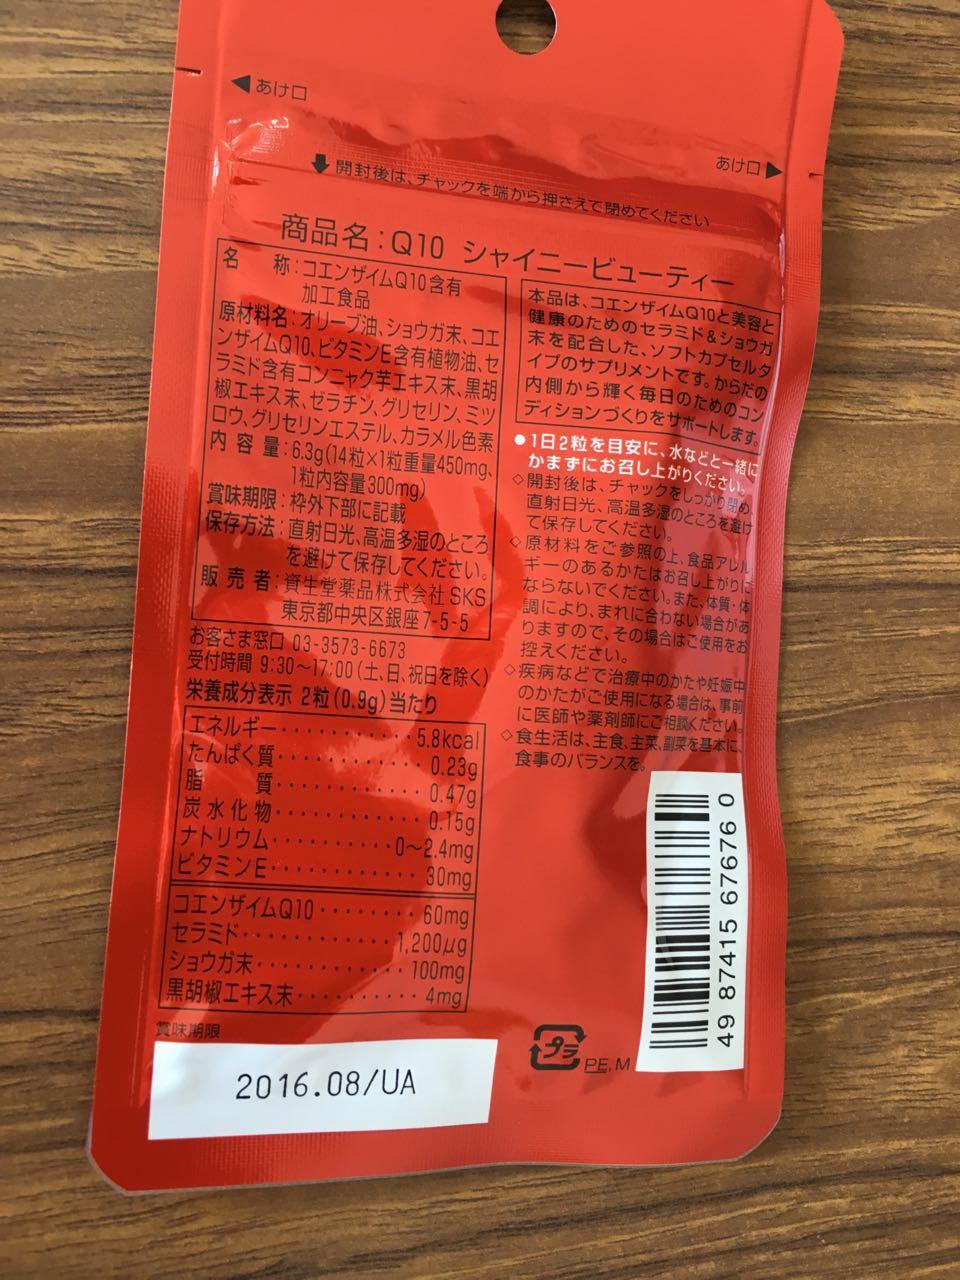 日本原装进口资生堂辅酶Q10胶囊14粒每袋 试用装分享装